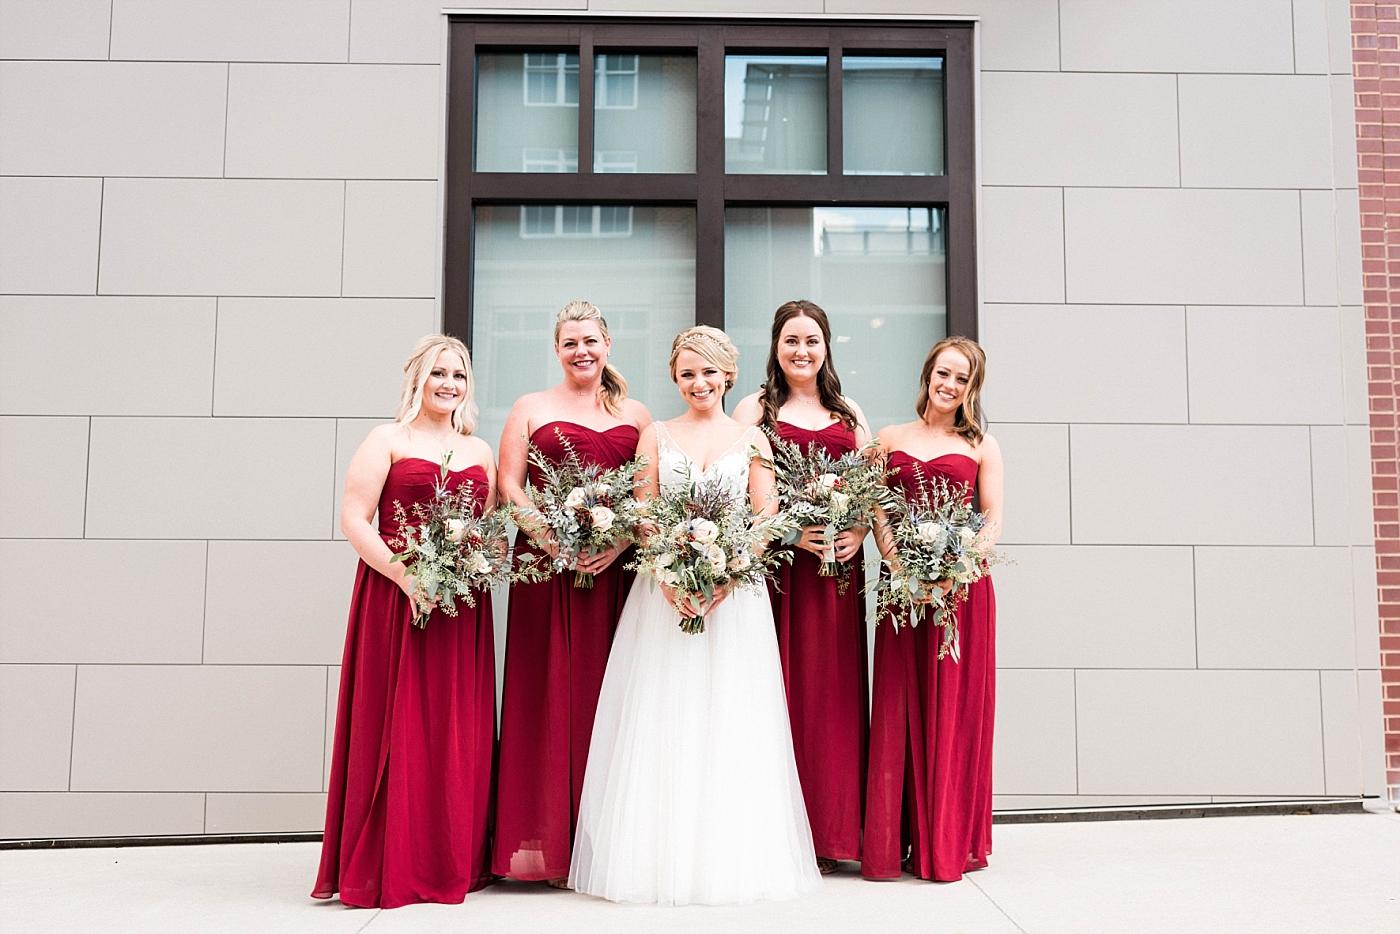 Wedding details bride bridal party bridesmaids gown bouquet church